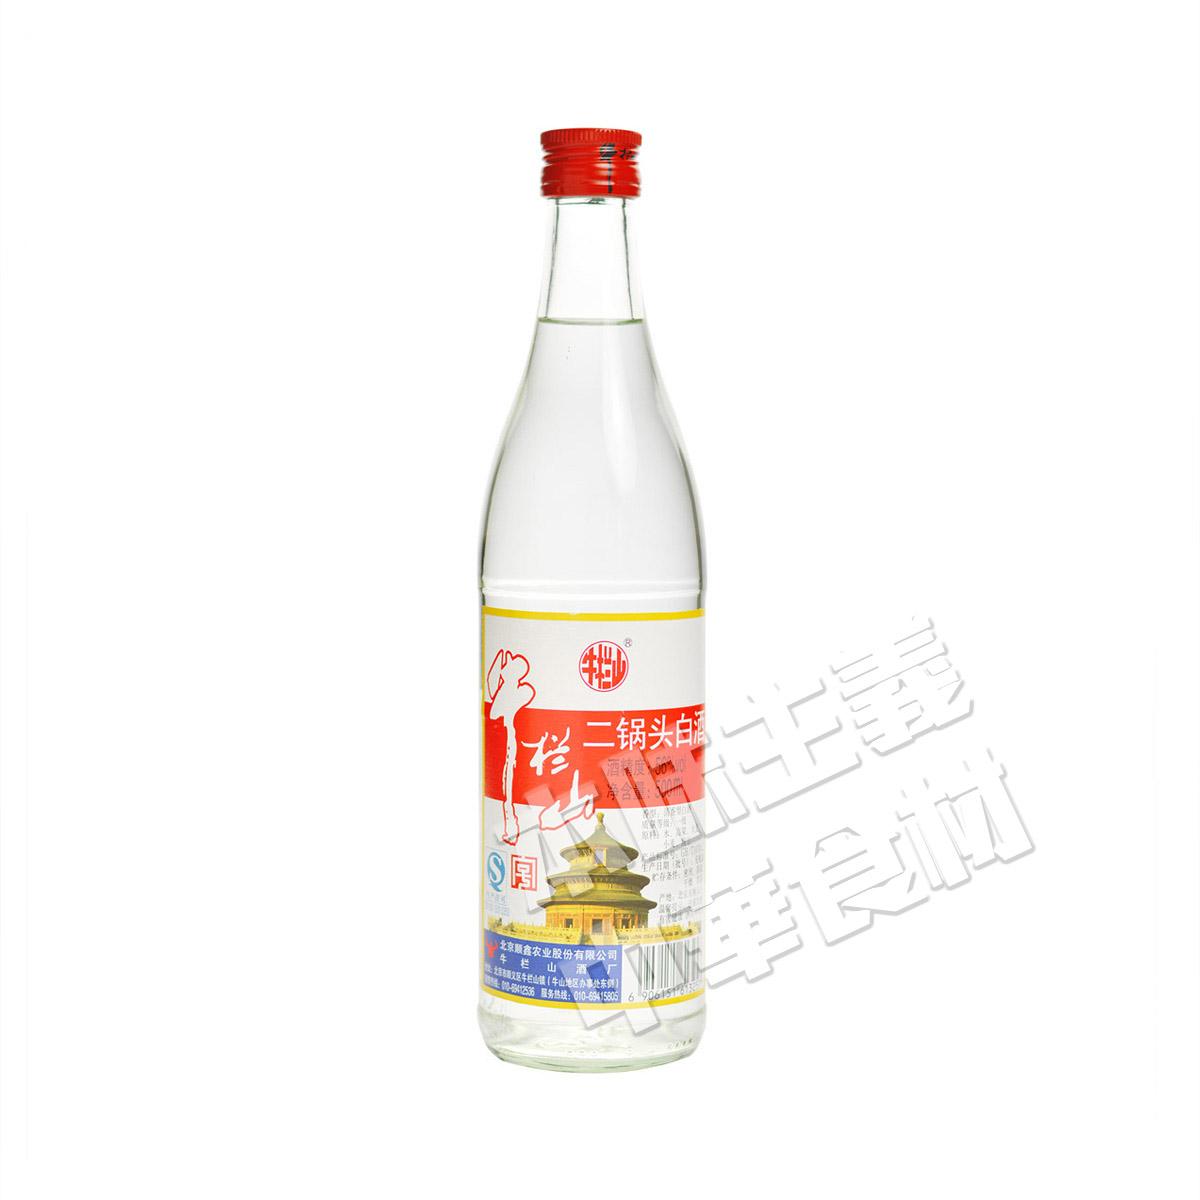 牛欄山二鍋頭白酒 白瓶56度 中国名物・中華料理店超人気商品・本場味大好評